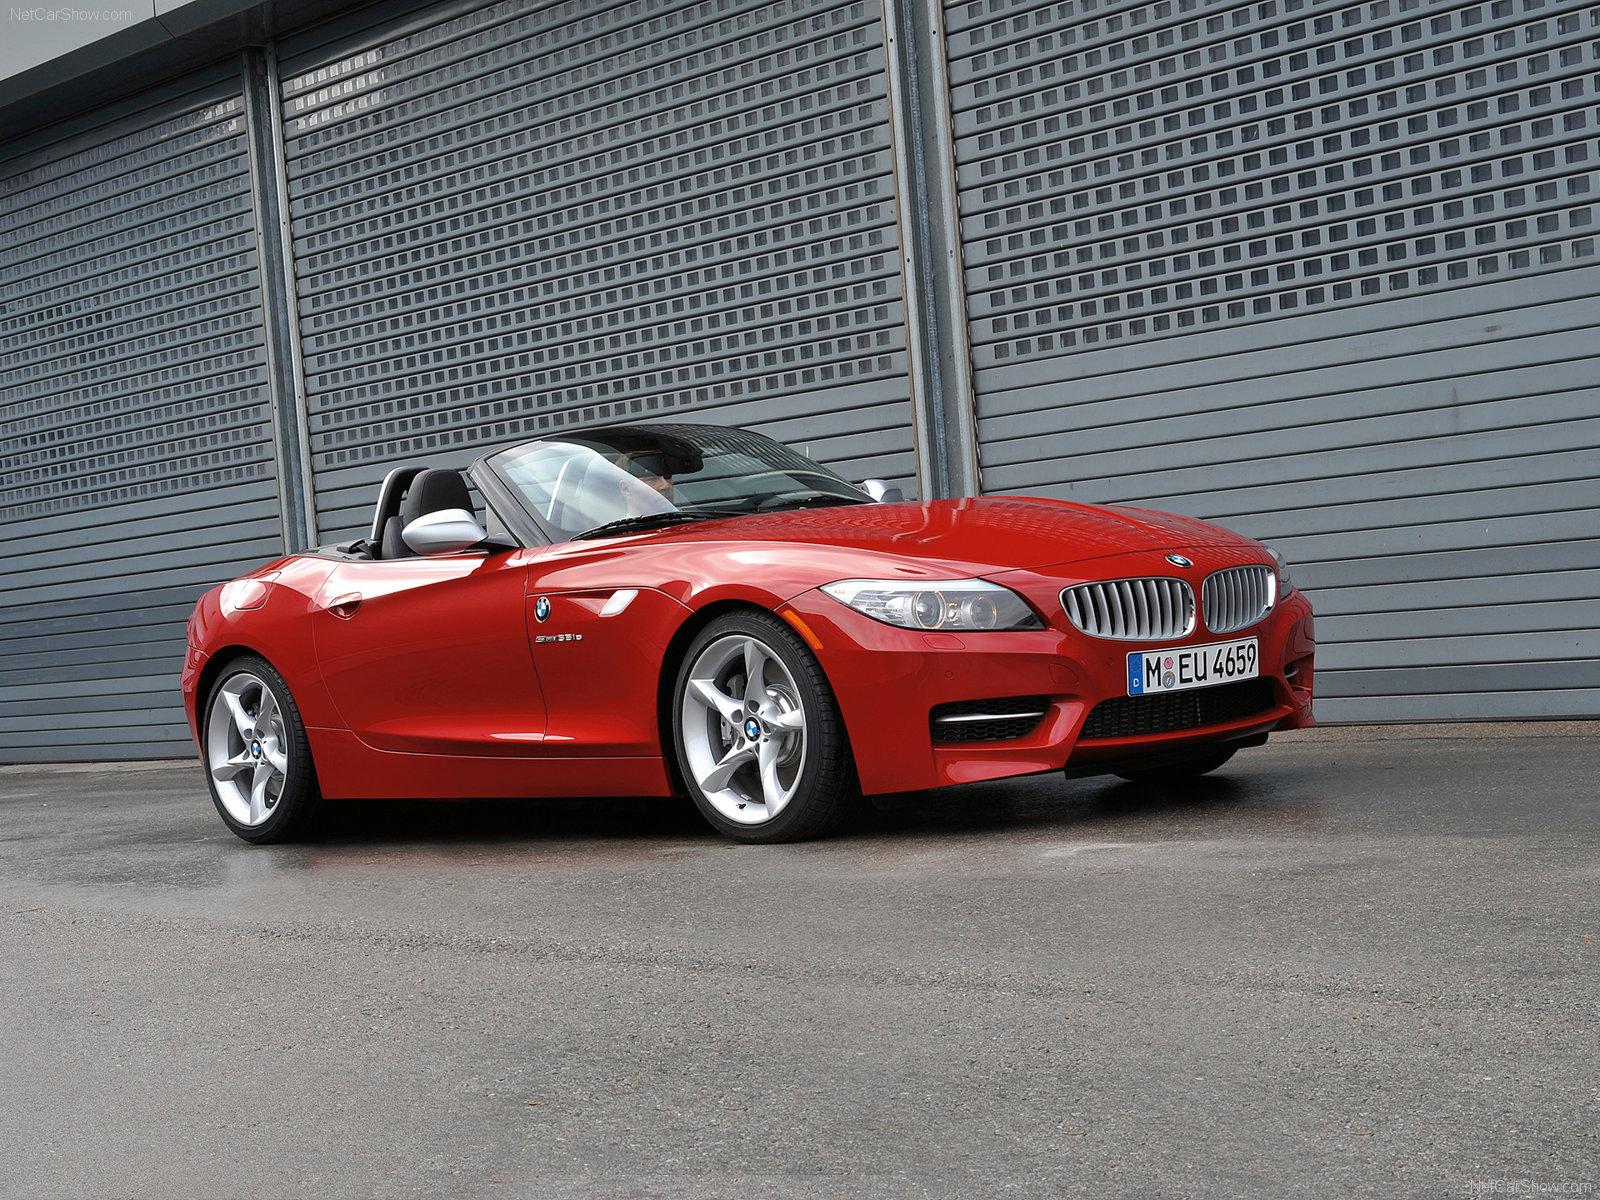 BMW Z4 M Coupé Seite 1 pagenstecher Deine Automeile im Netz